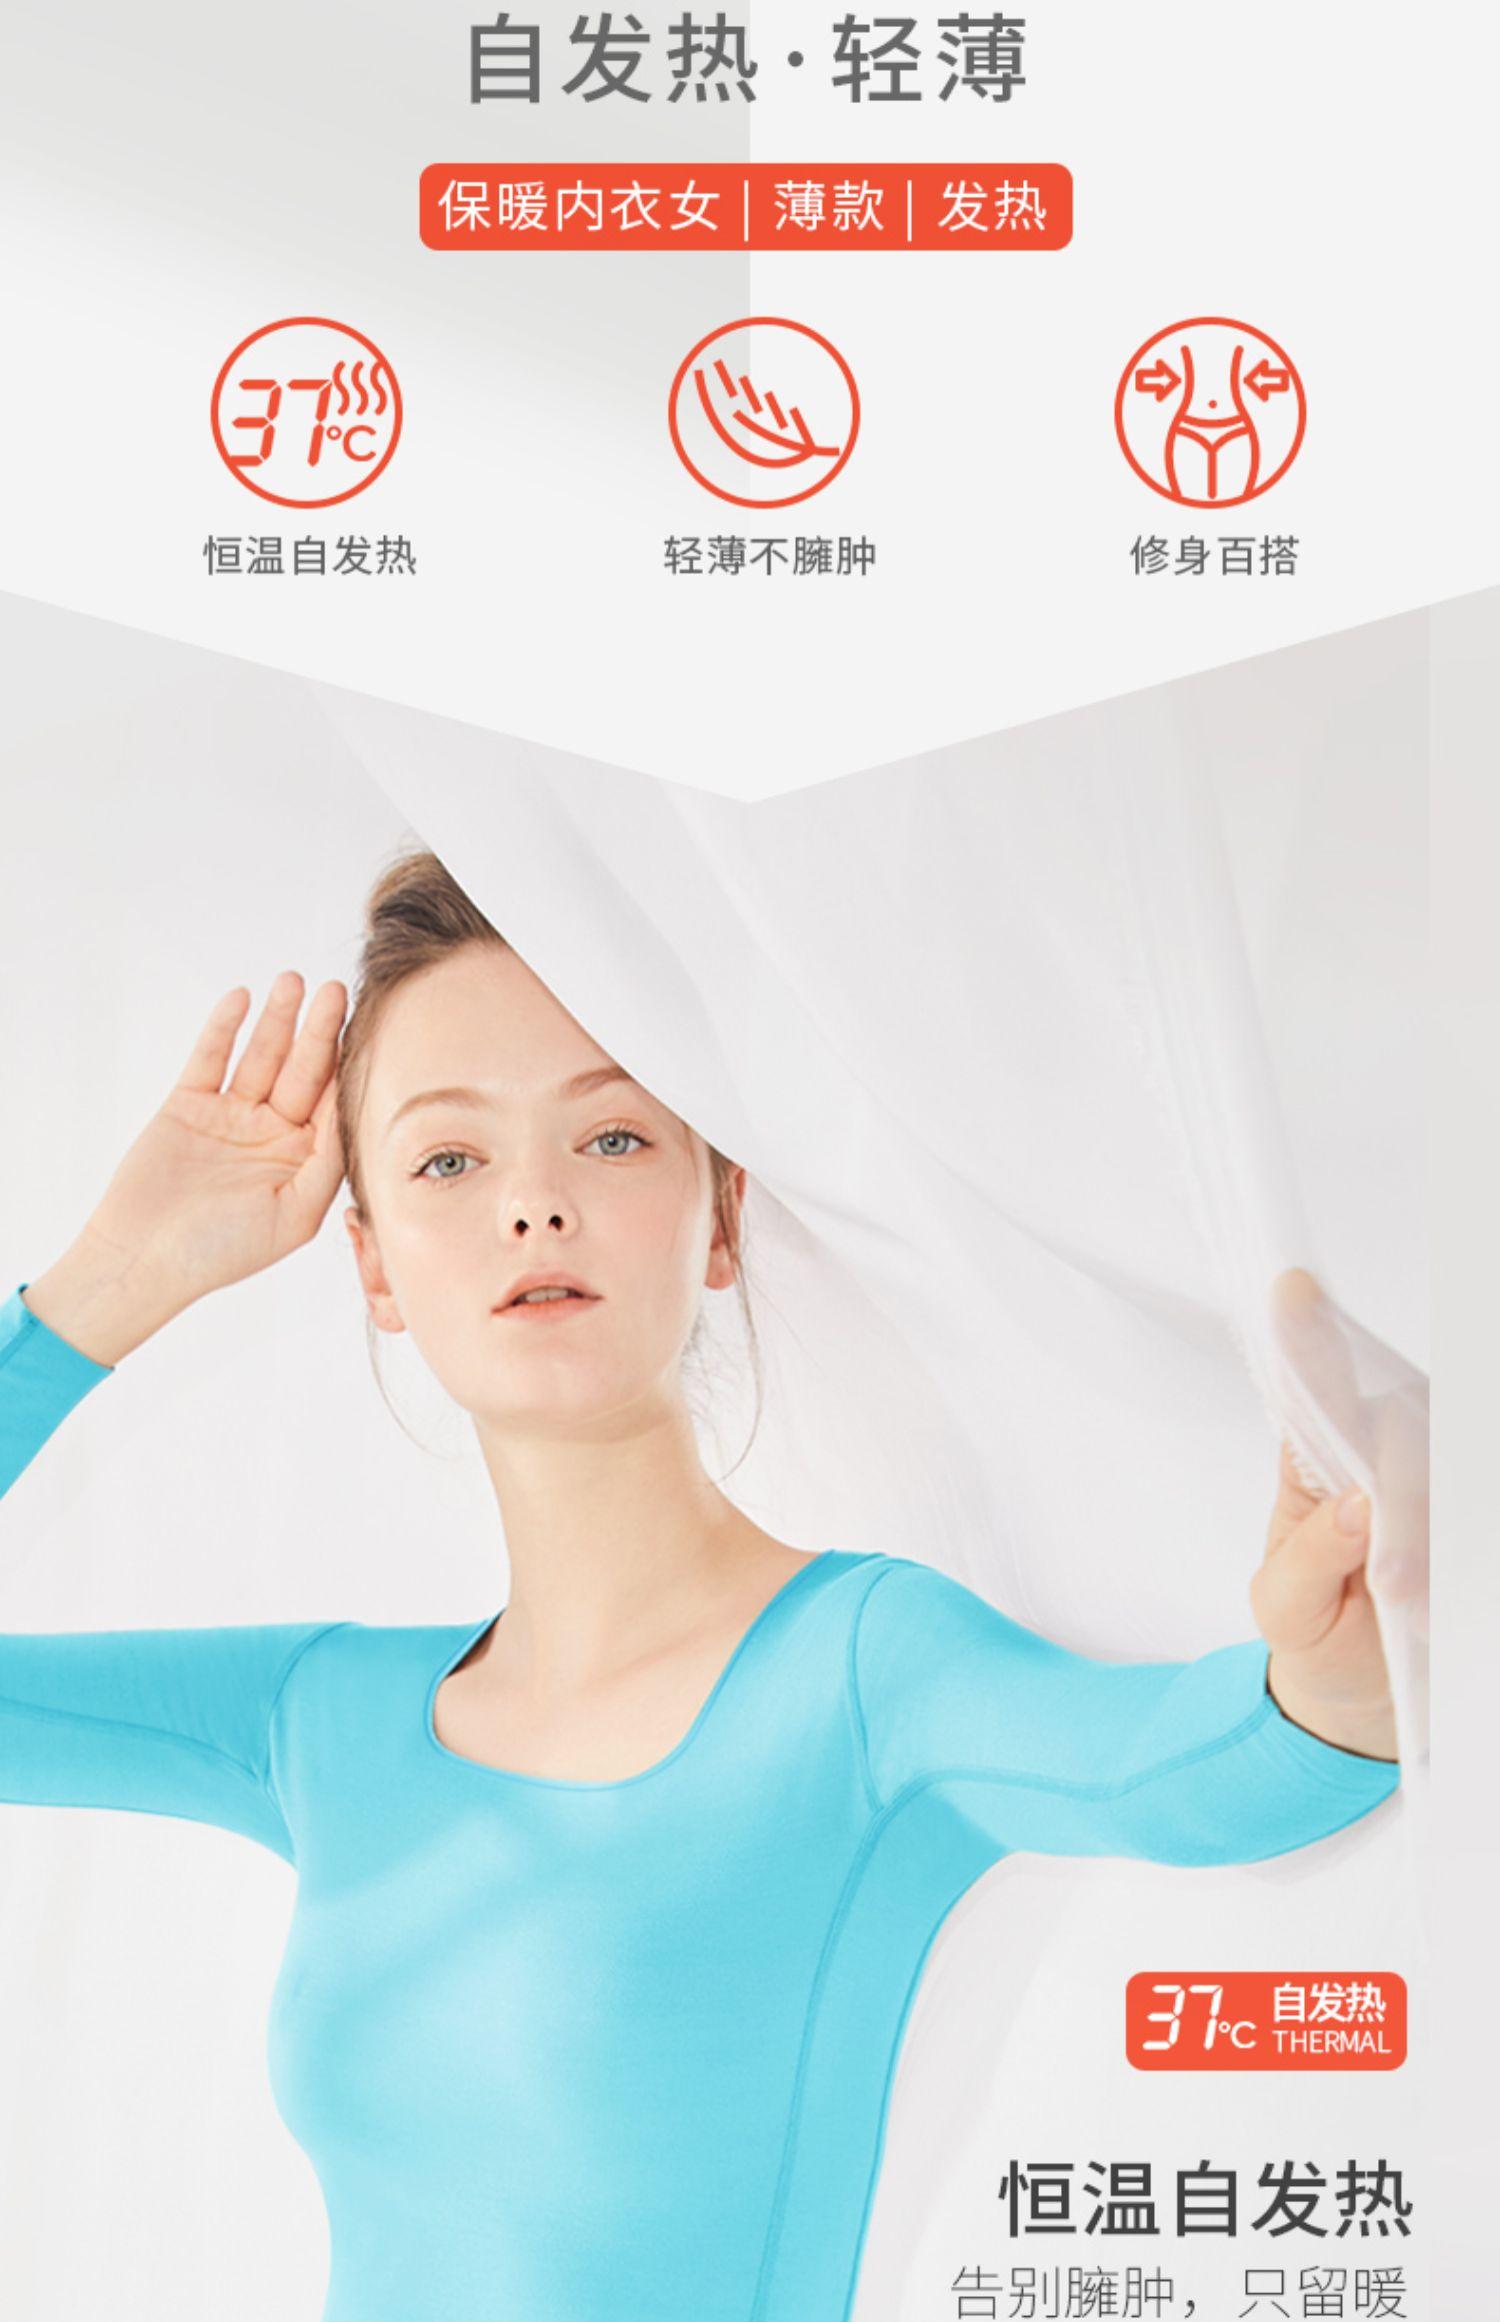 蒛一发热保暖内衣女薄款套装冬37度恒温无痕保暖内衣男秋衣套装女商品详情图